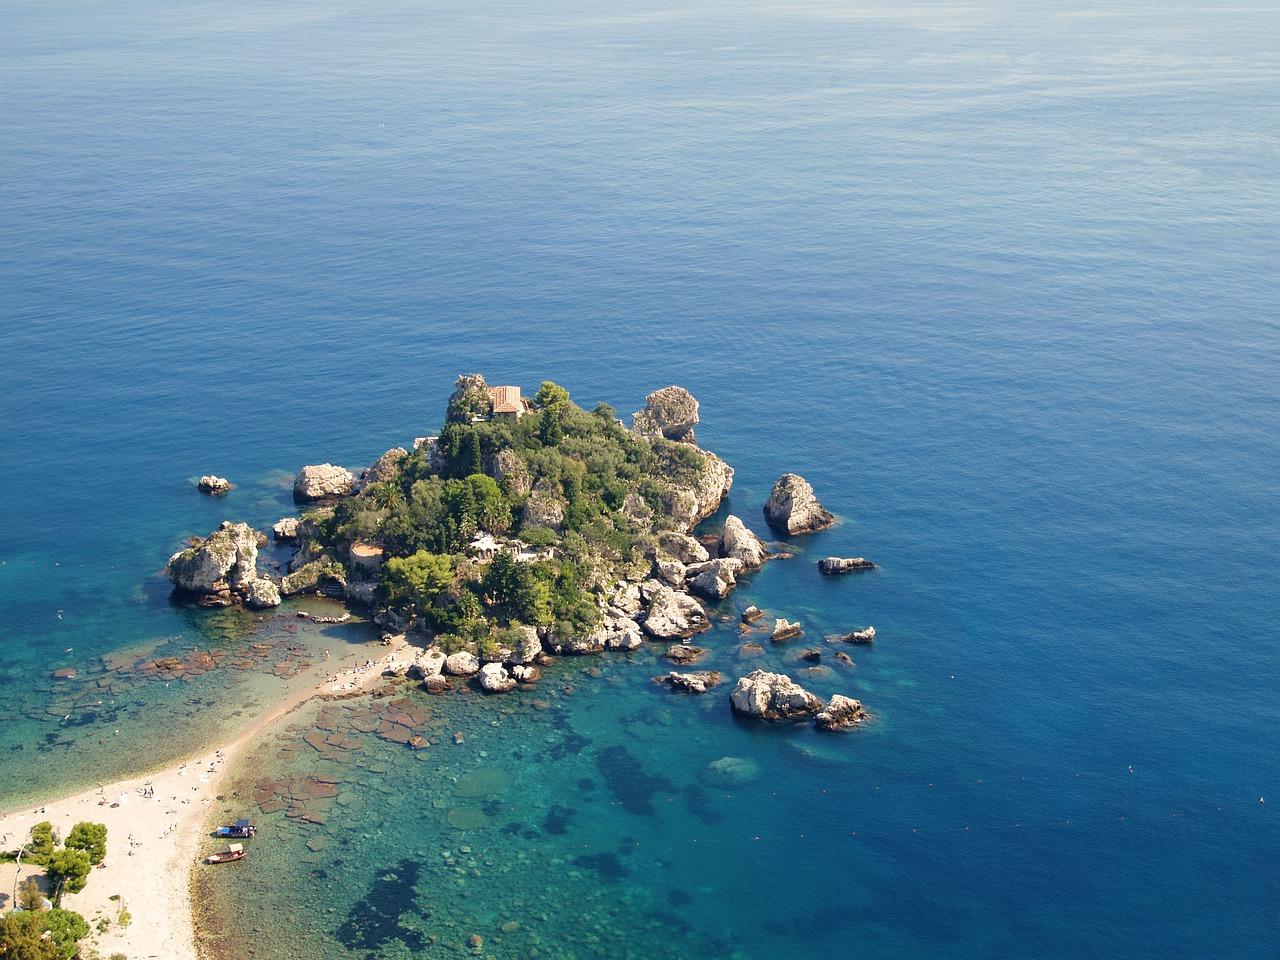 vista dall'alto di isola bella durante un weekend con bambini in sicilia